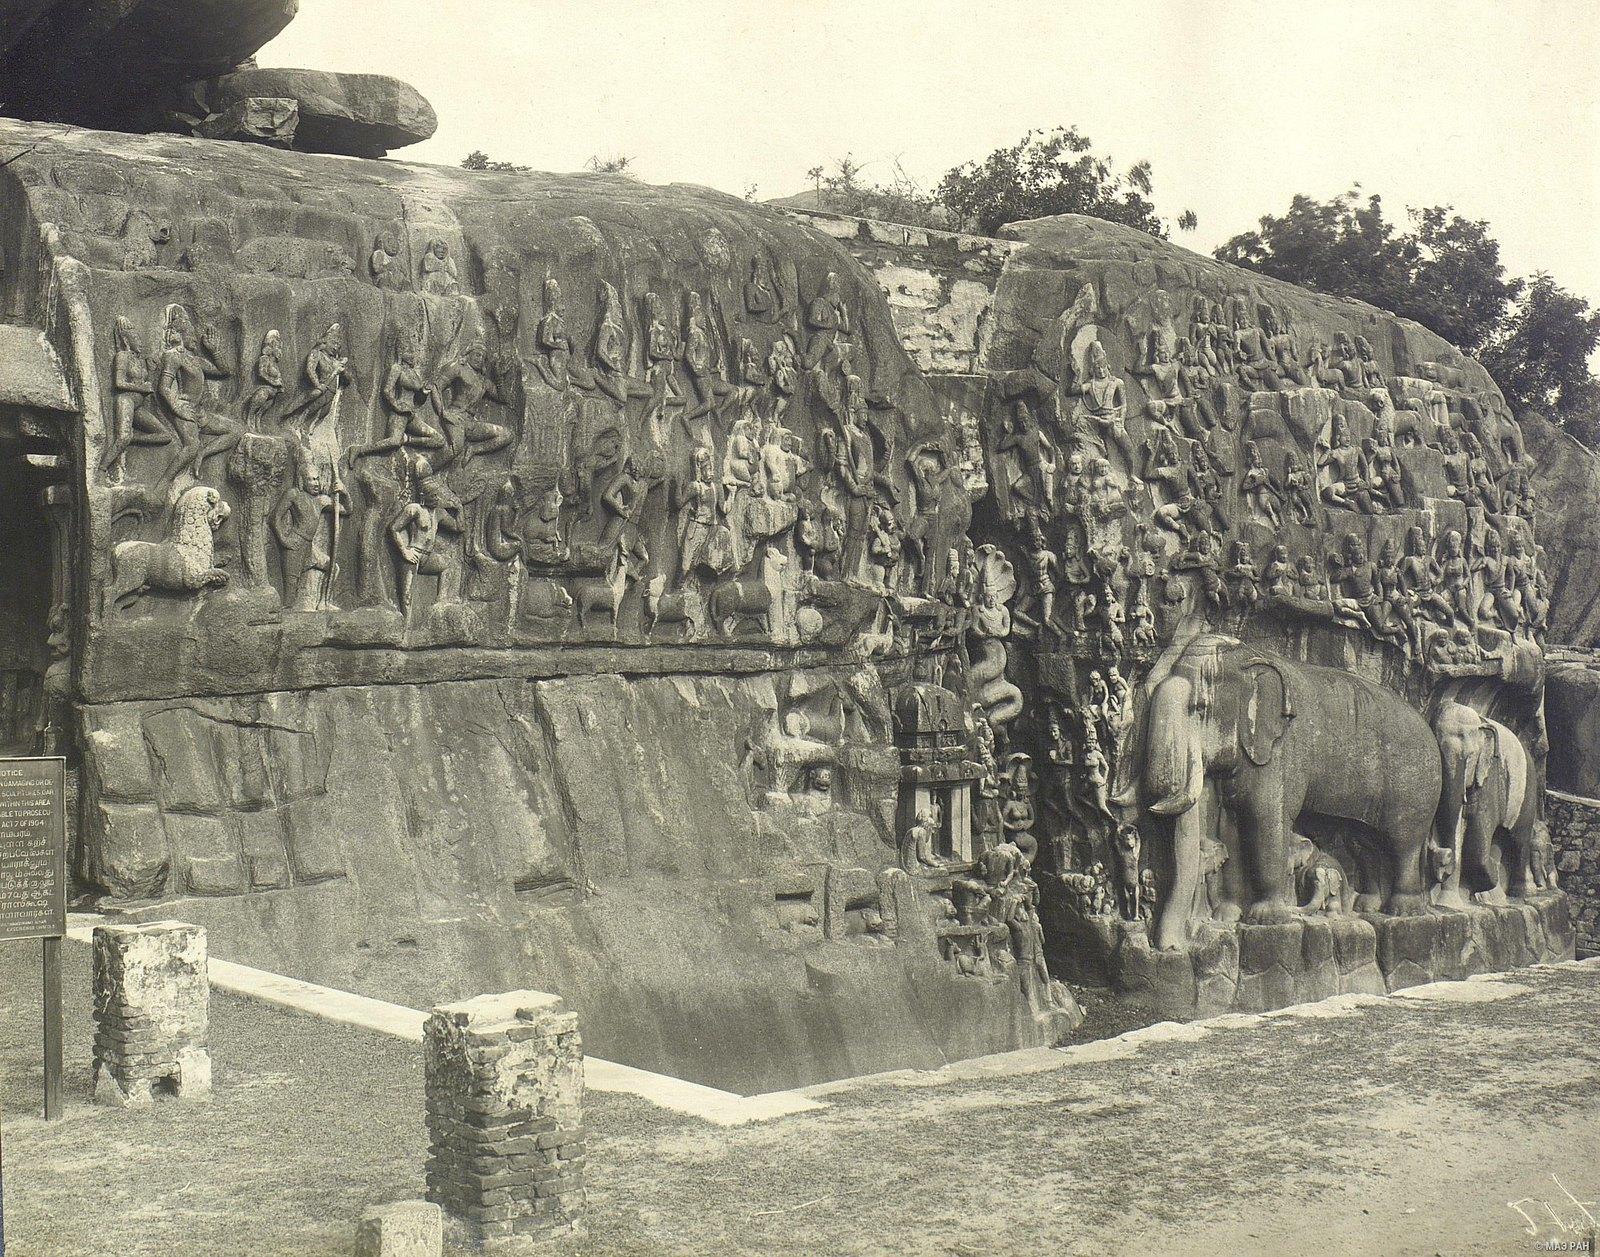 Мамаллапур (скала с рельефными изображениями)